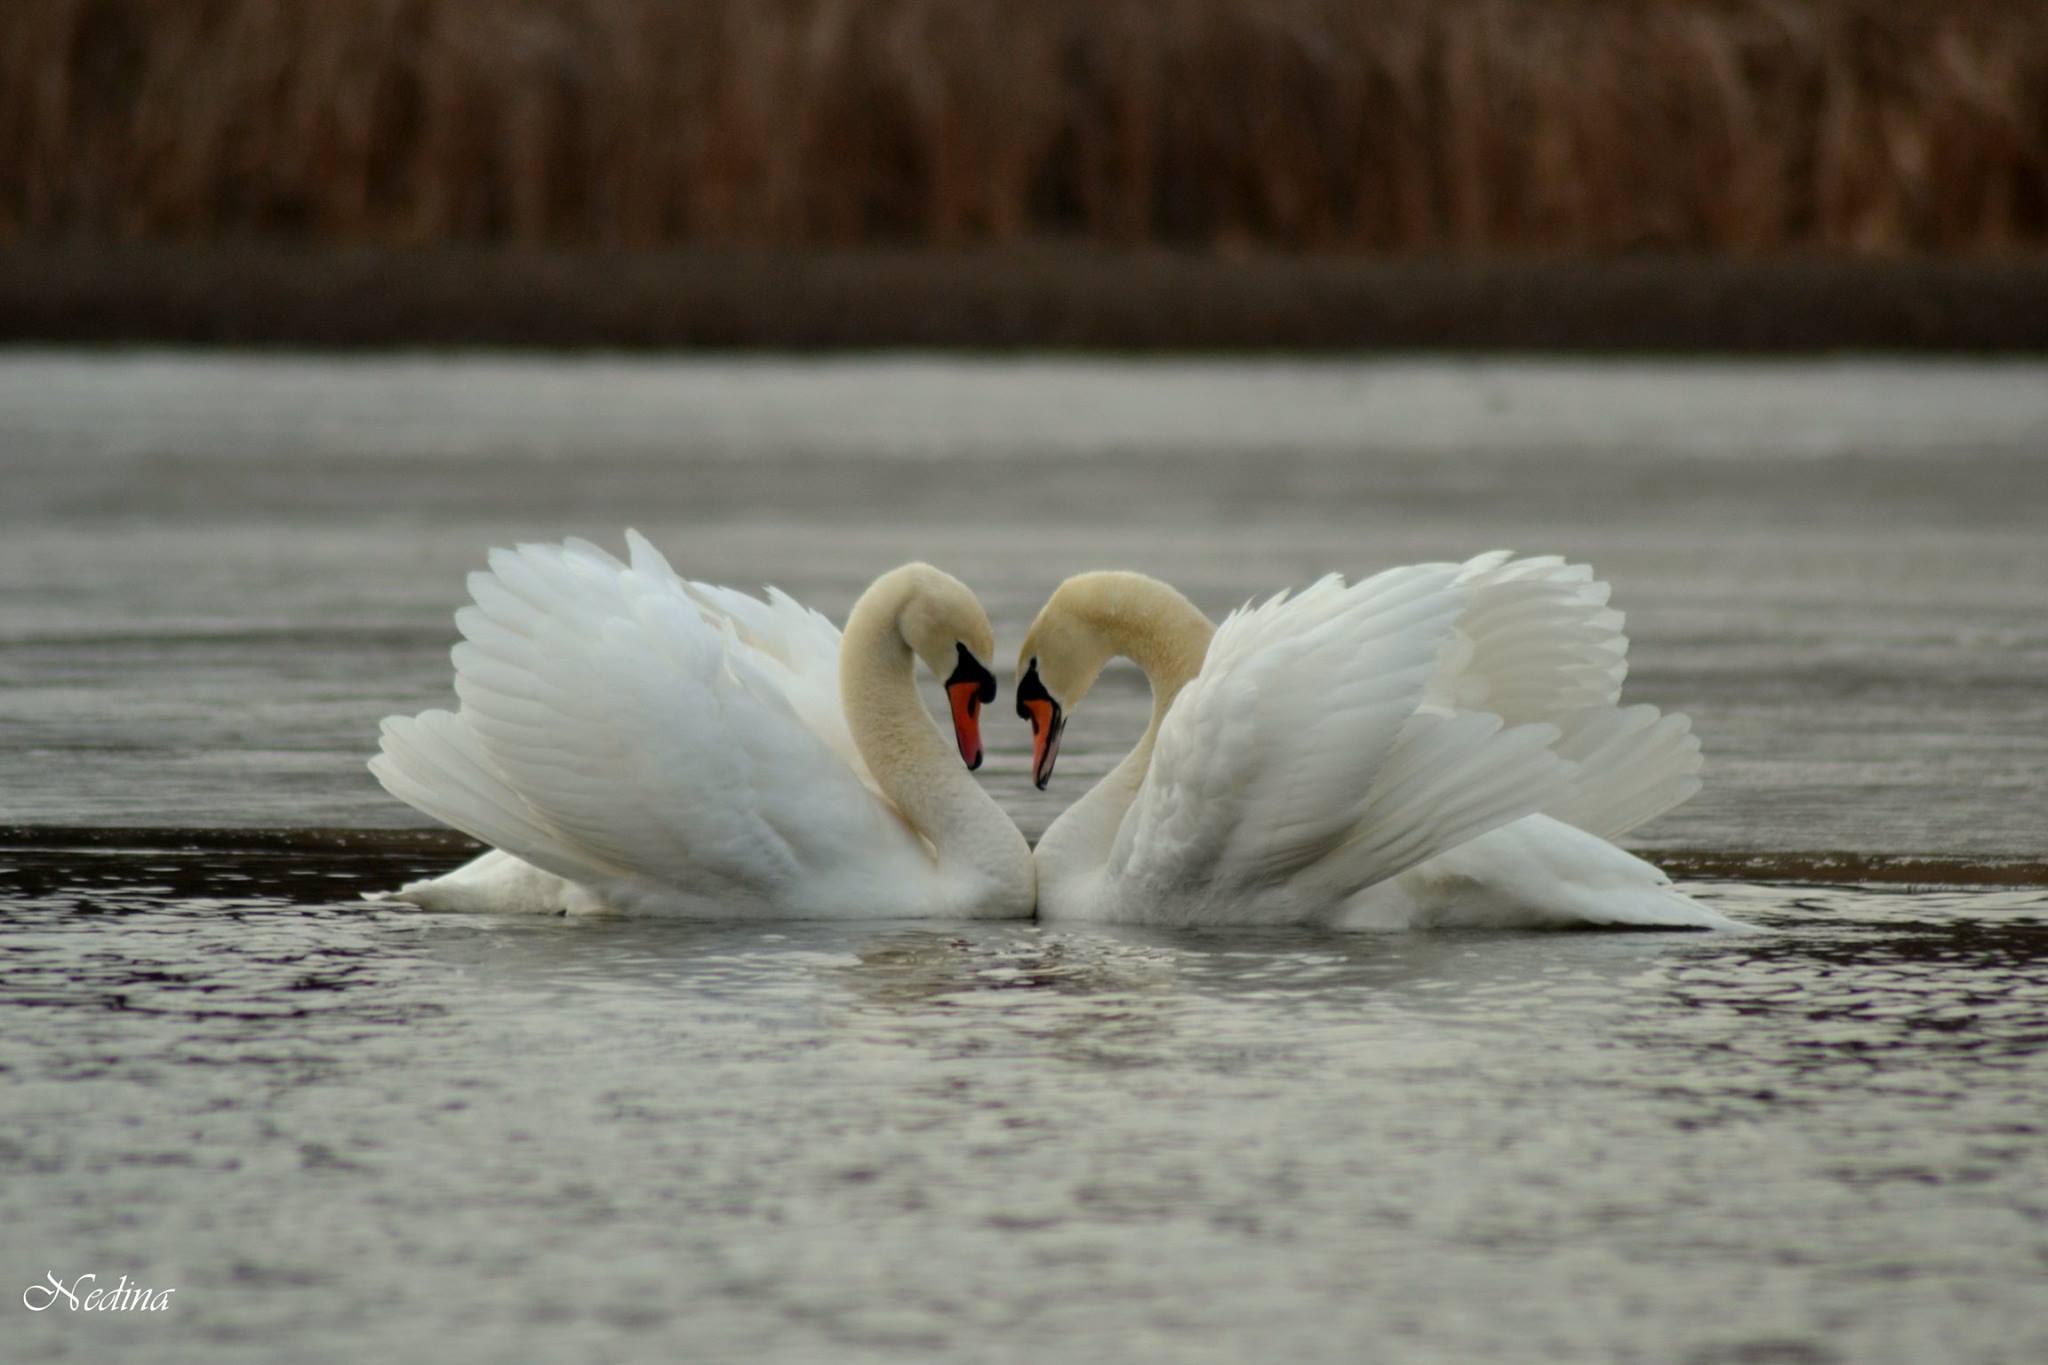 szerelmes_hattyuk_nagy_edina.jpg